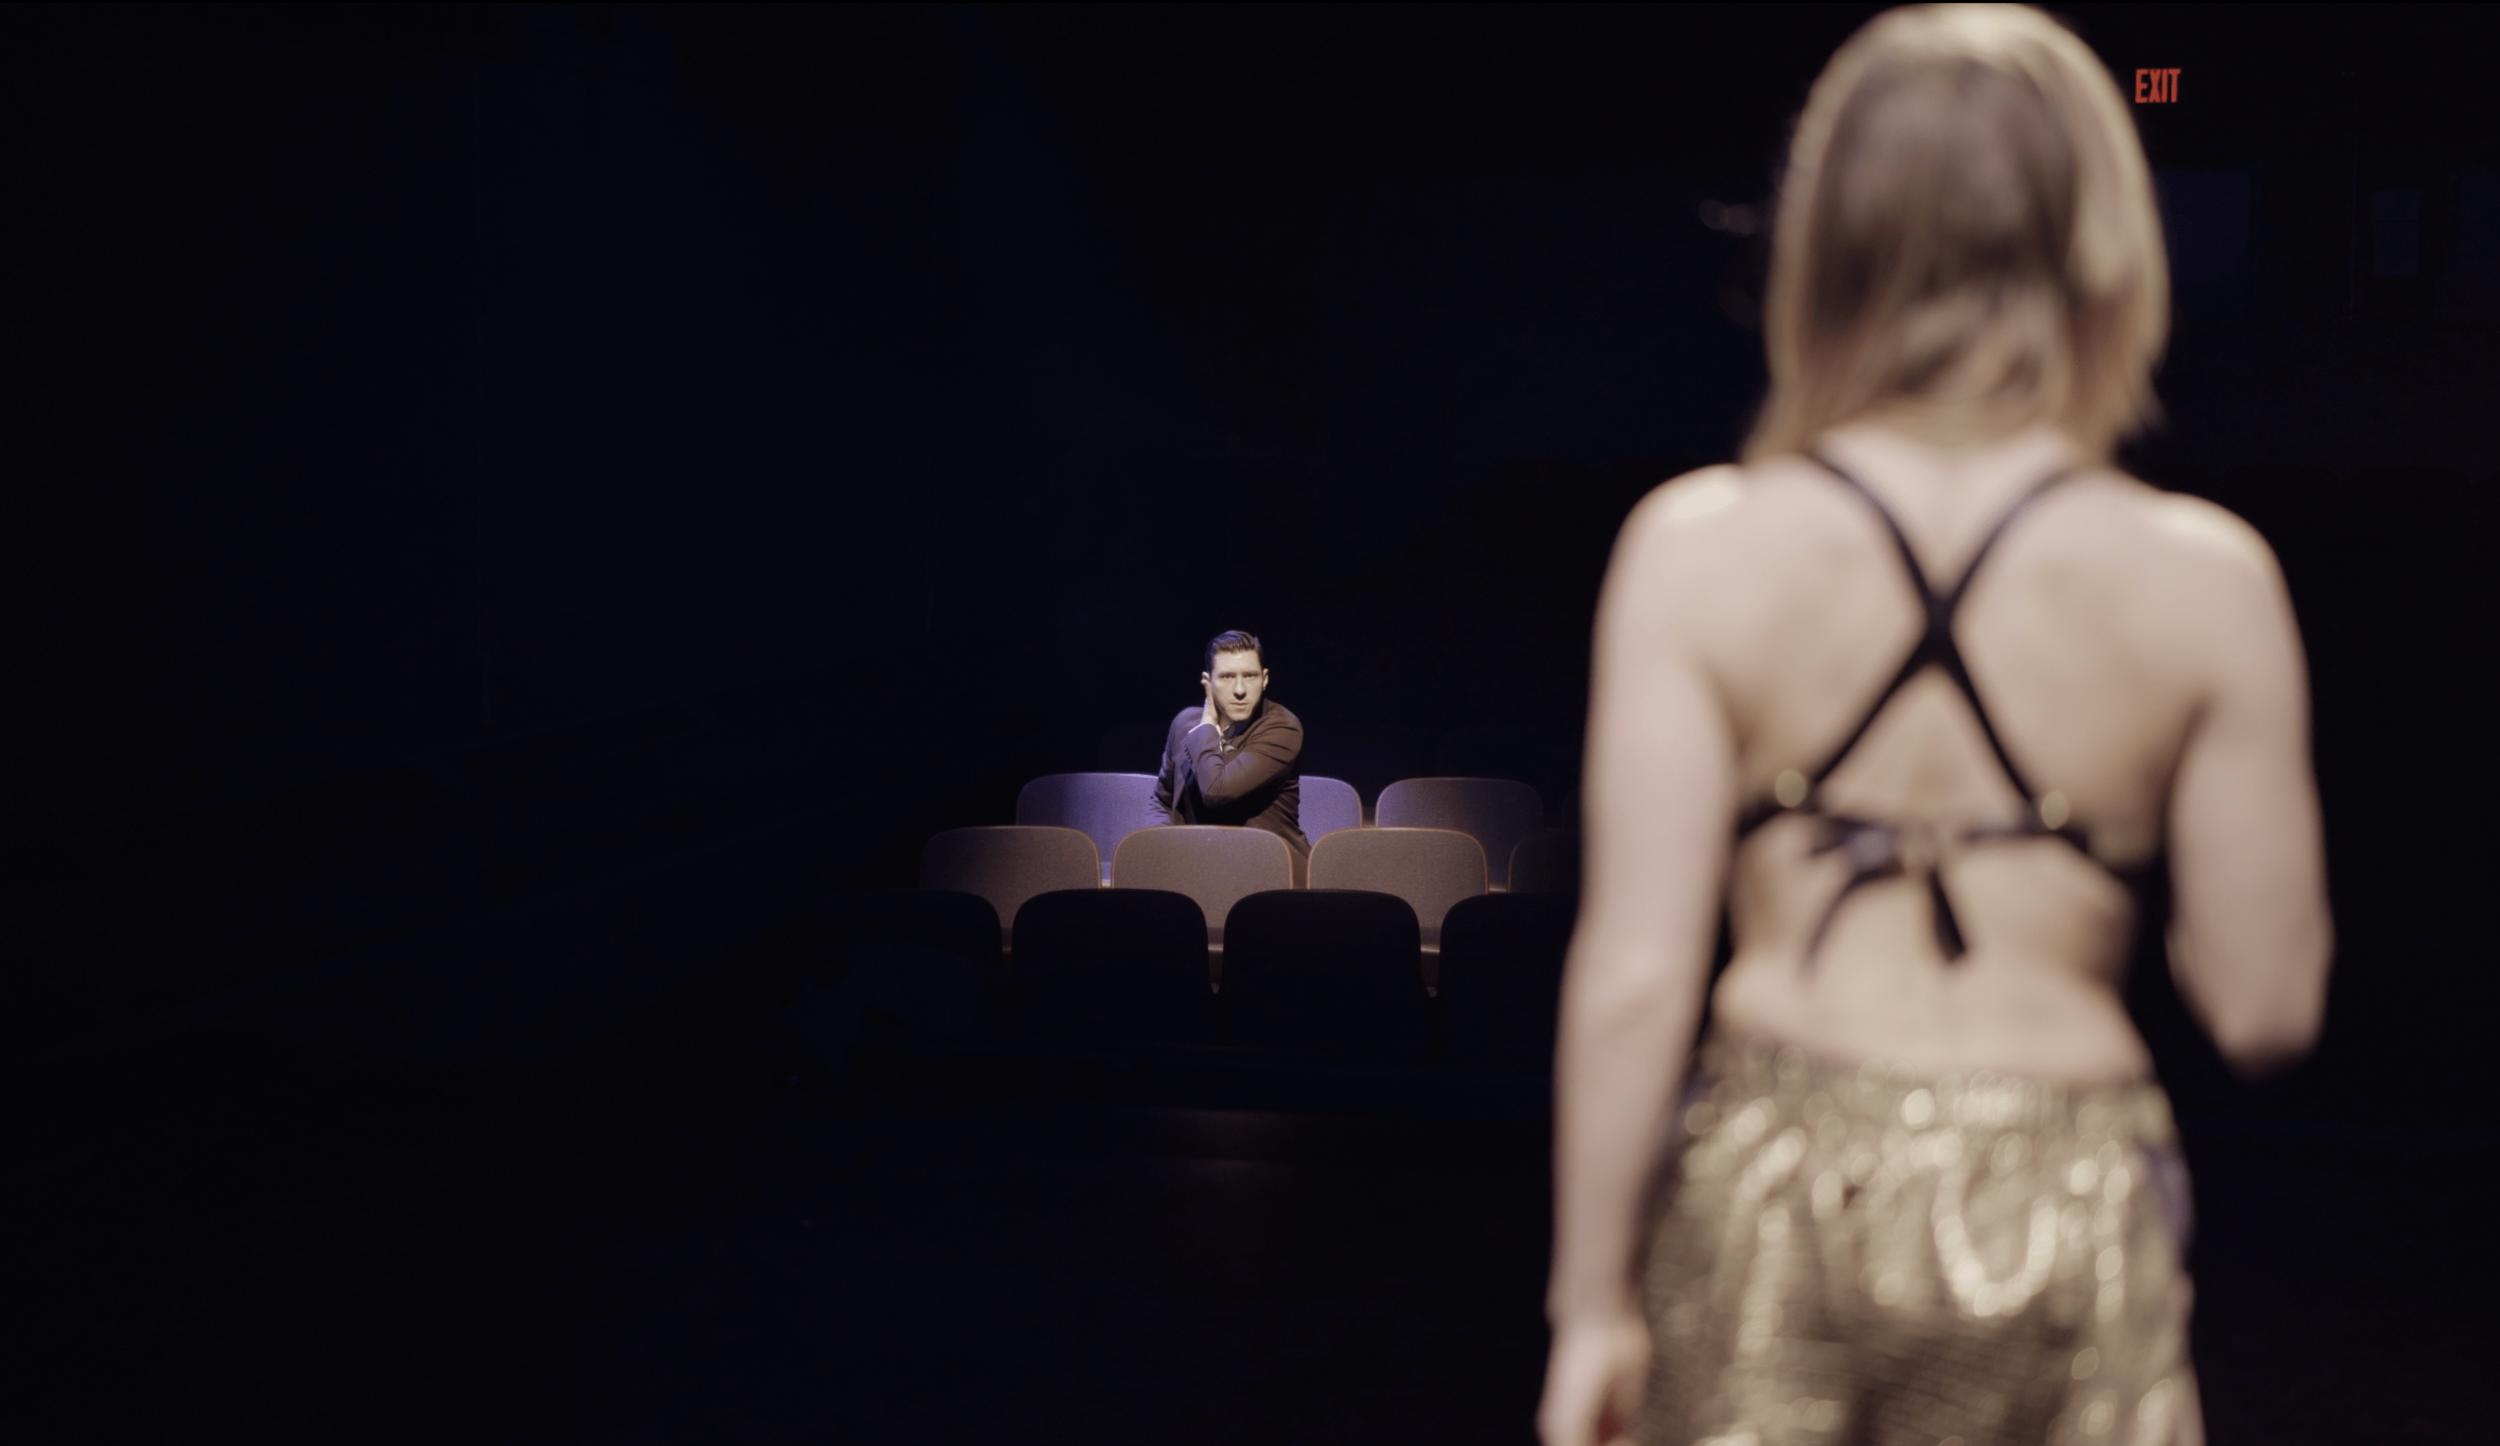 Justin Boccitto & Chloe Markewich | Gemini Girl